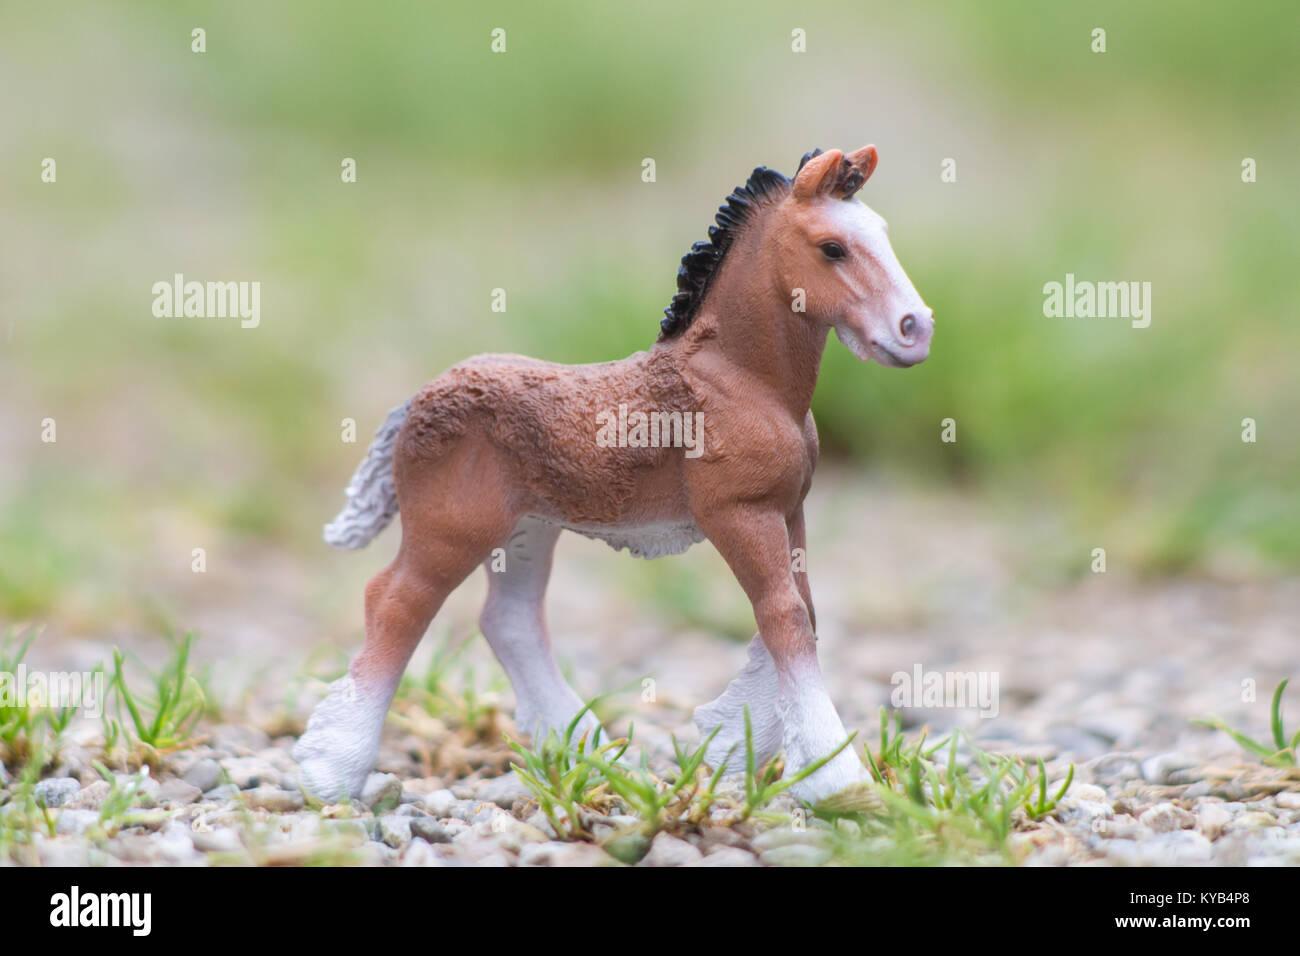 kinderspielzeug, schleich modell pferde stockfoto, bild: 171734256